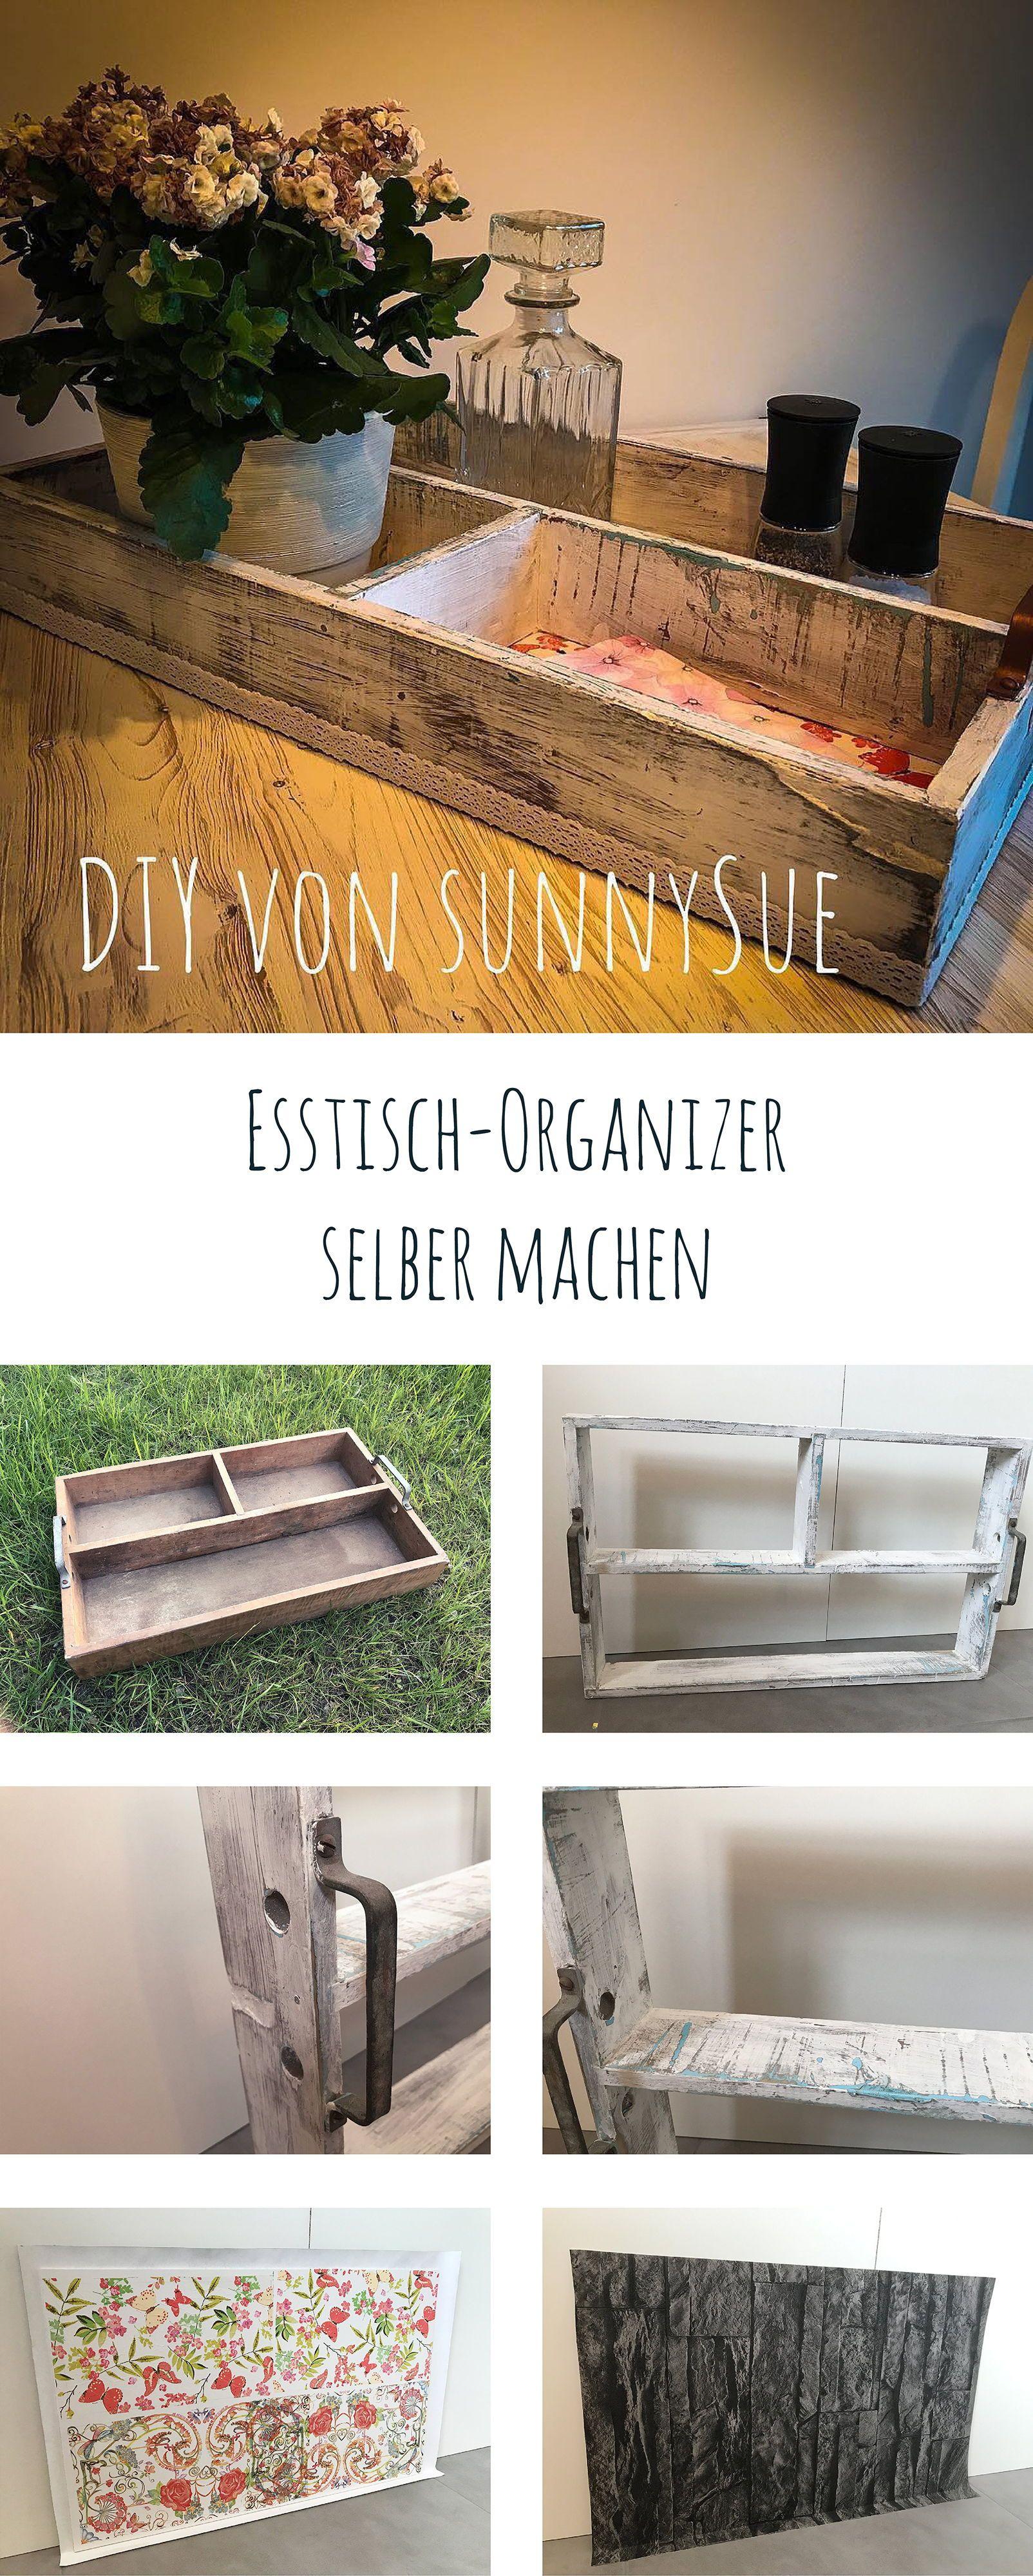 tisch-utensilo im shabby chic look mit serviettentechnik. | diy im